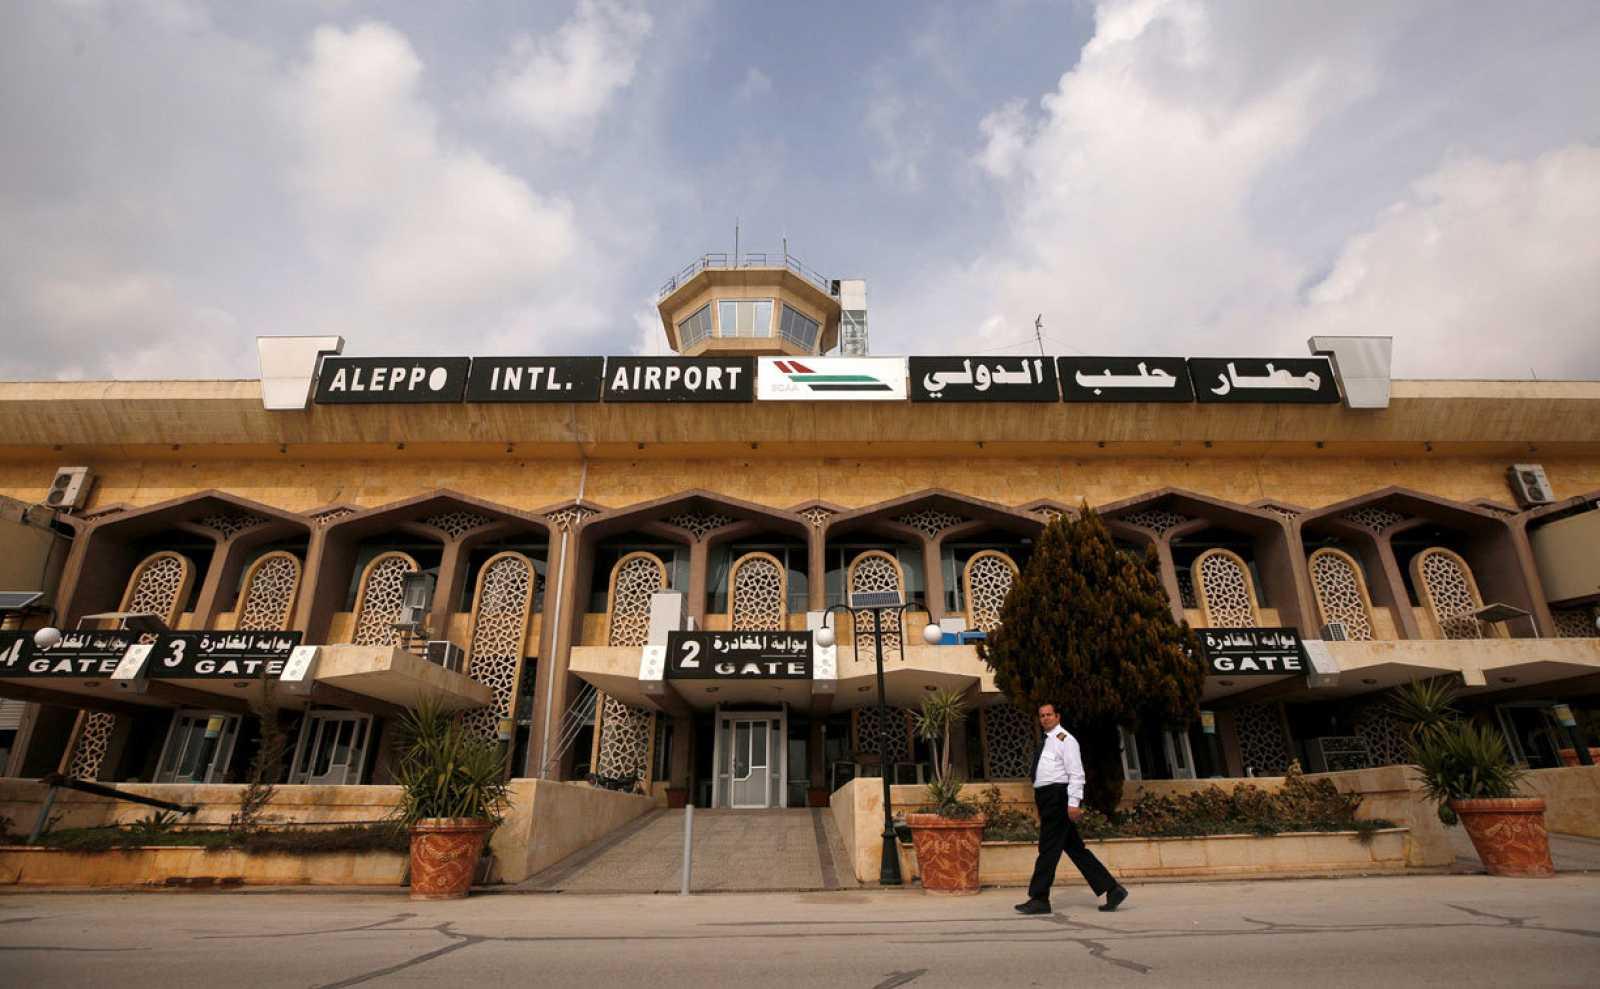 Un hombre camina frente a la entrada del aeropuerto internacional de Alepo tras su reapertura después de siete años cerrado por la guerra.